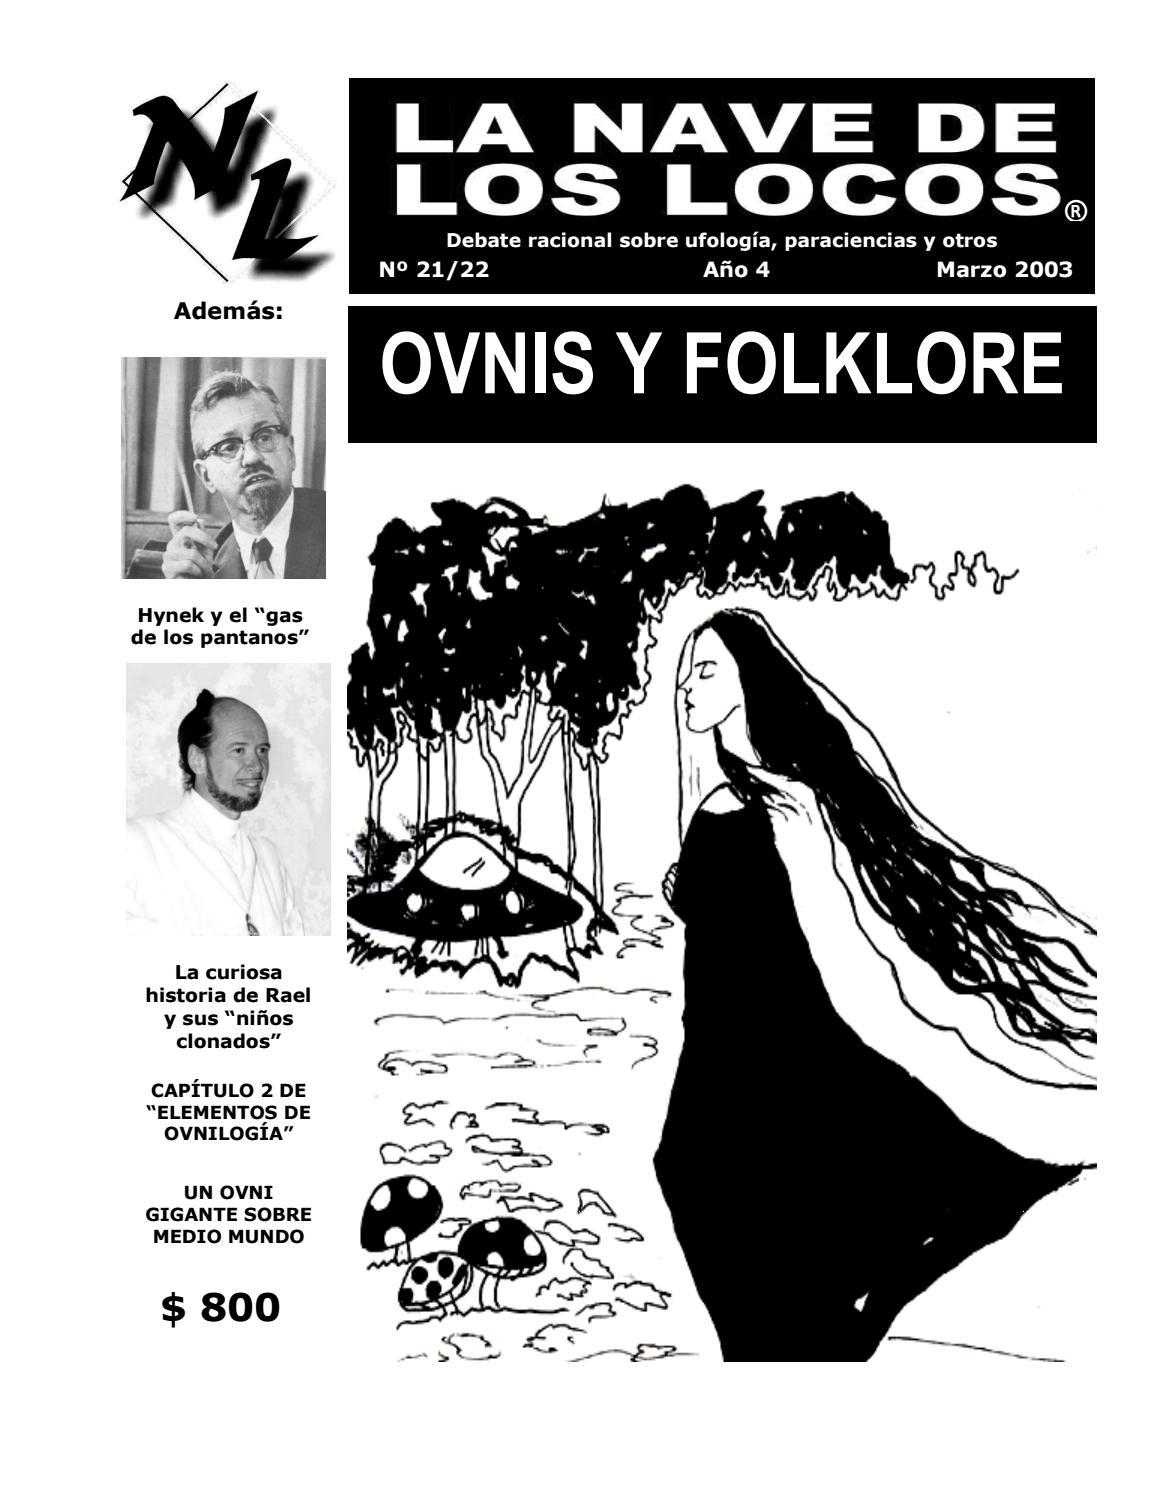 Encantador Anatomía Del Infierno 2003 Imágenes - Anatomía de Las ...